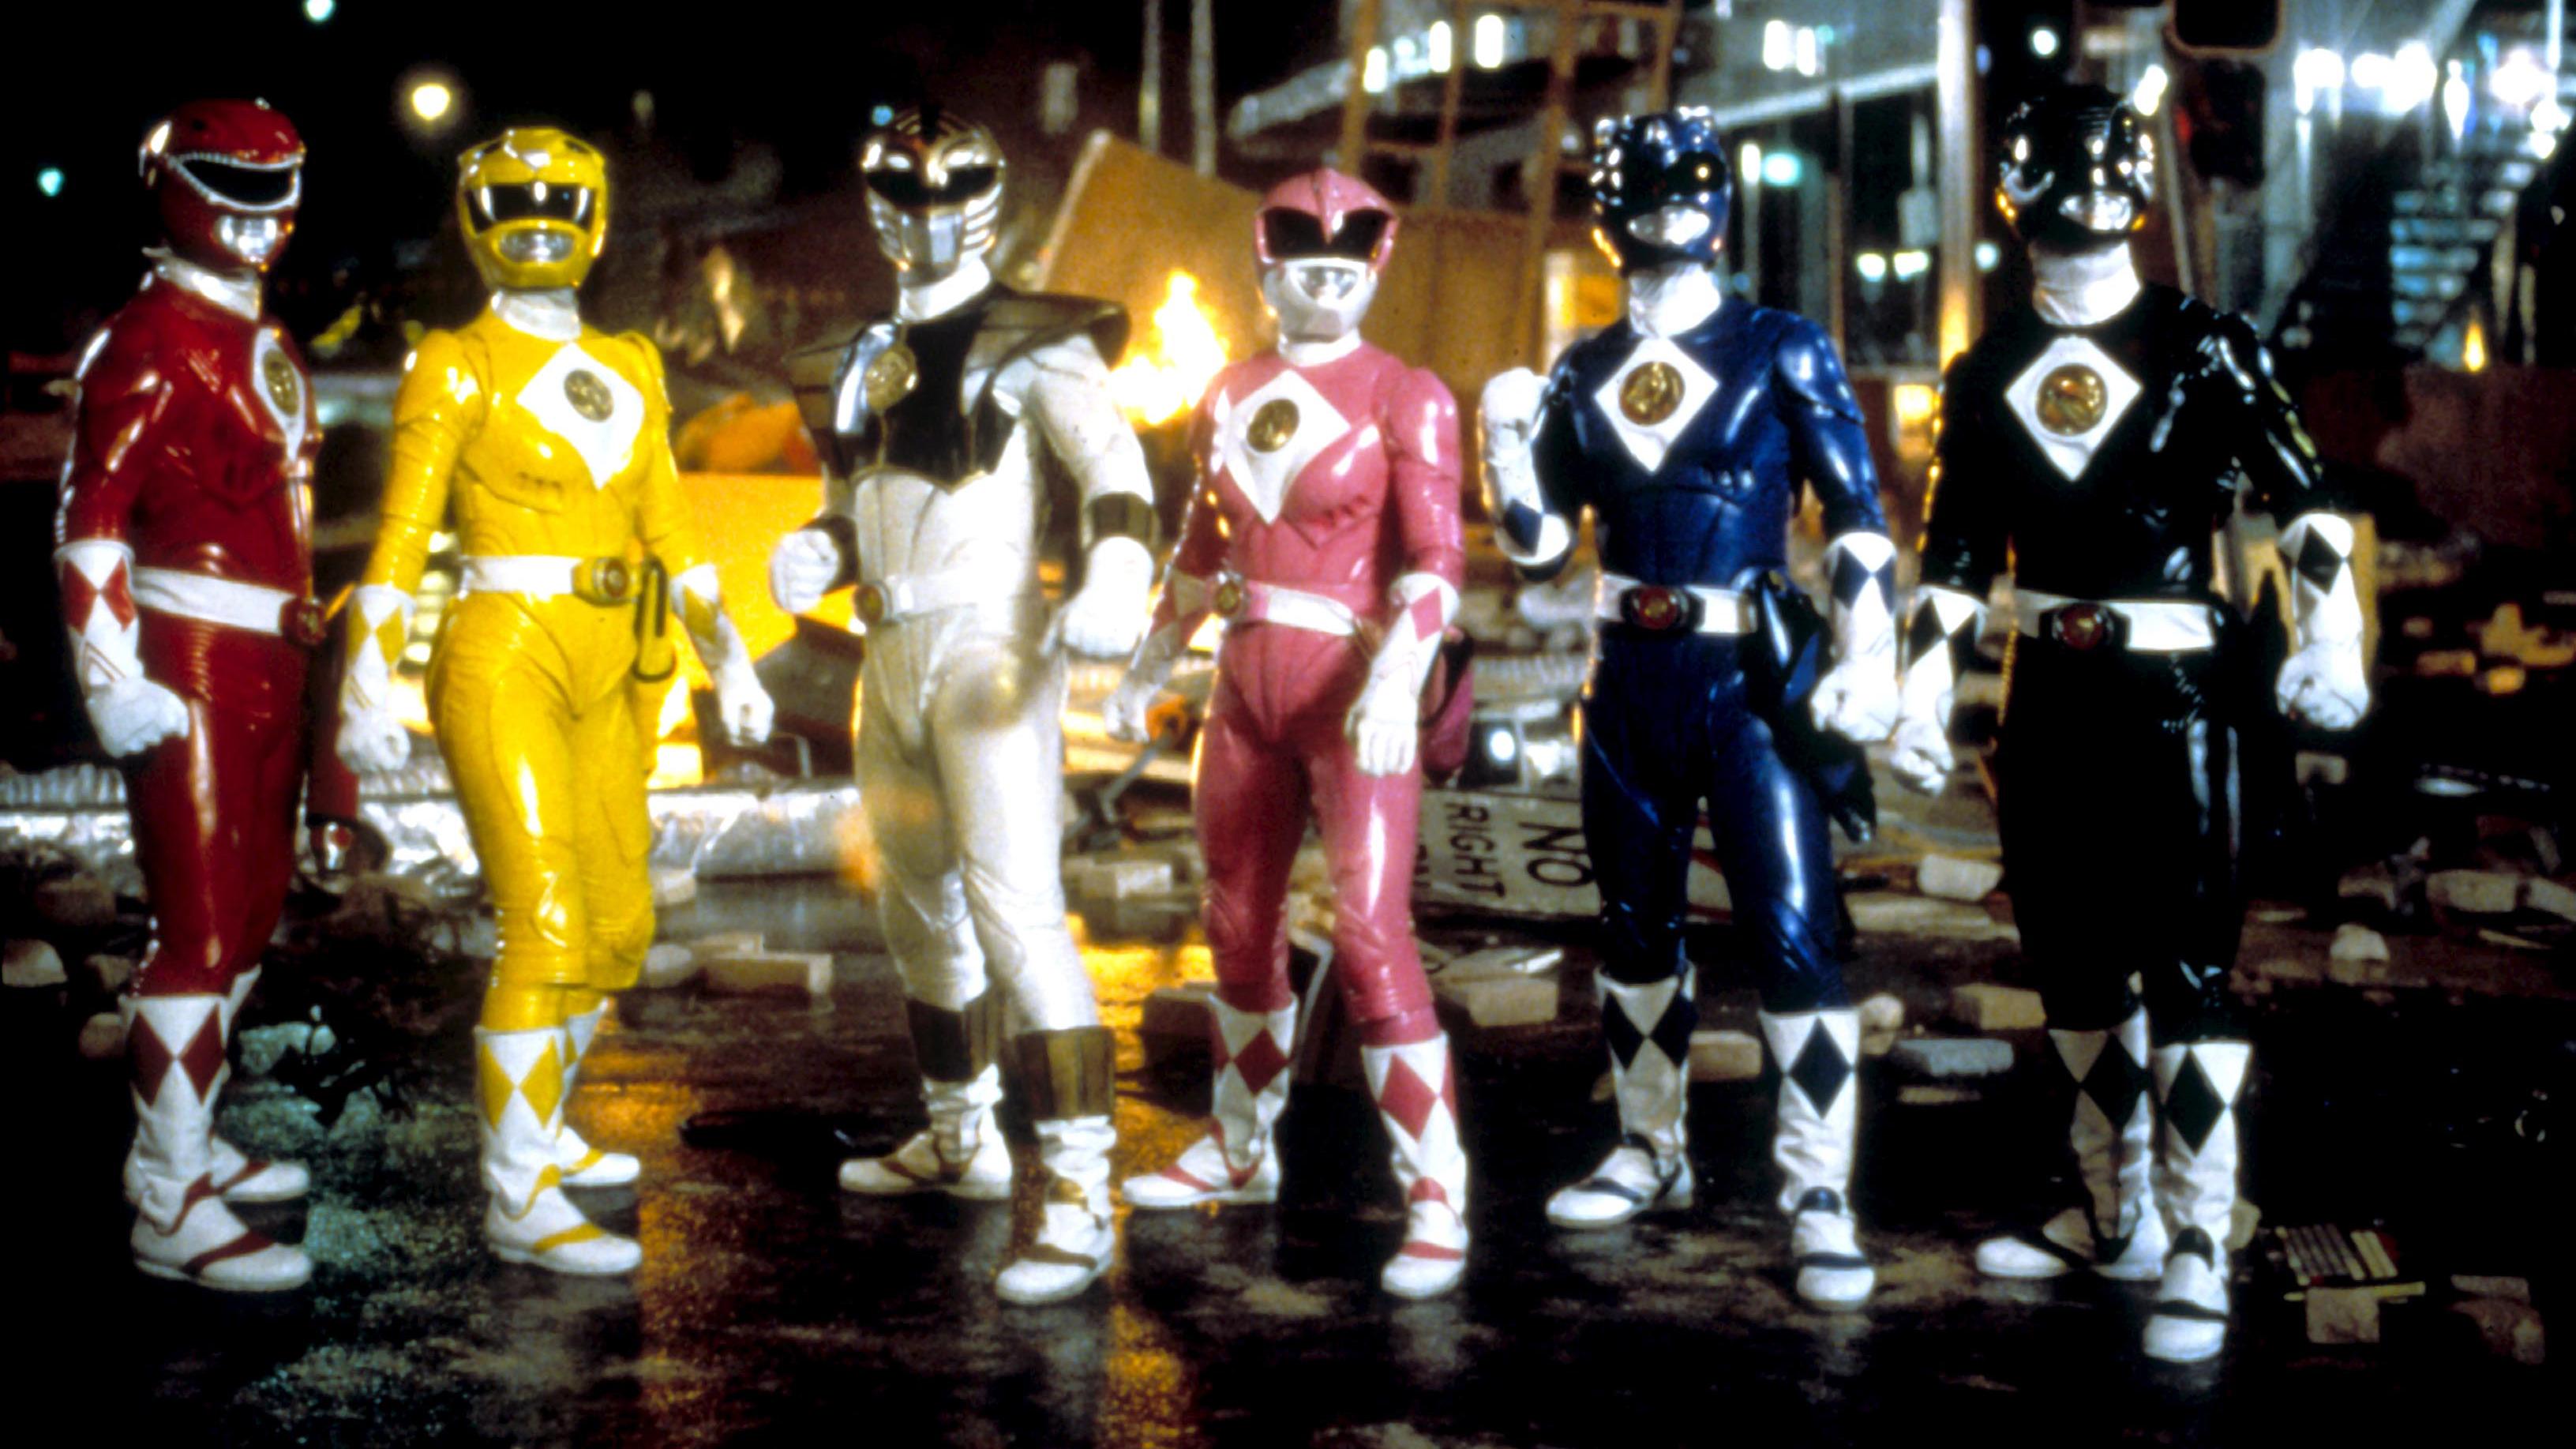 Asesinatos Tragedias Y Muertes Inesperadas La Maldición De Los Actores De Los Power Rangers Infobae